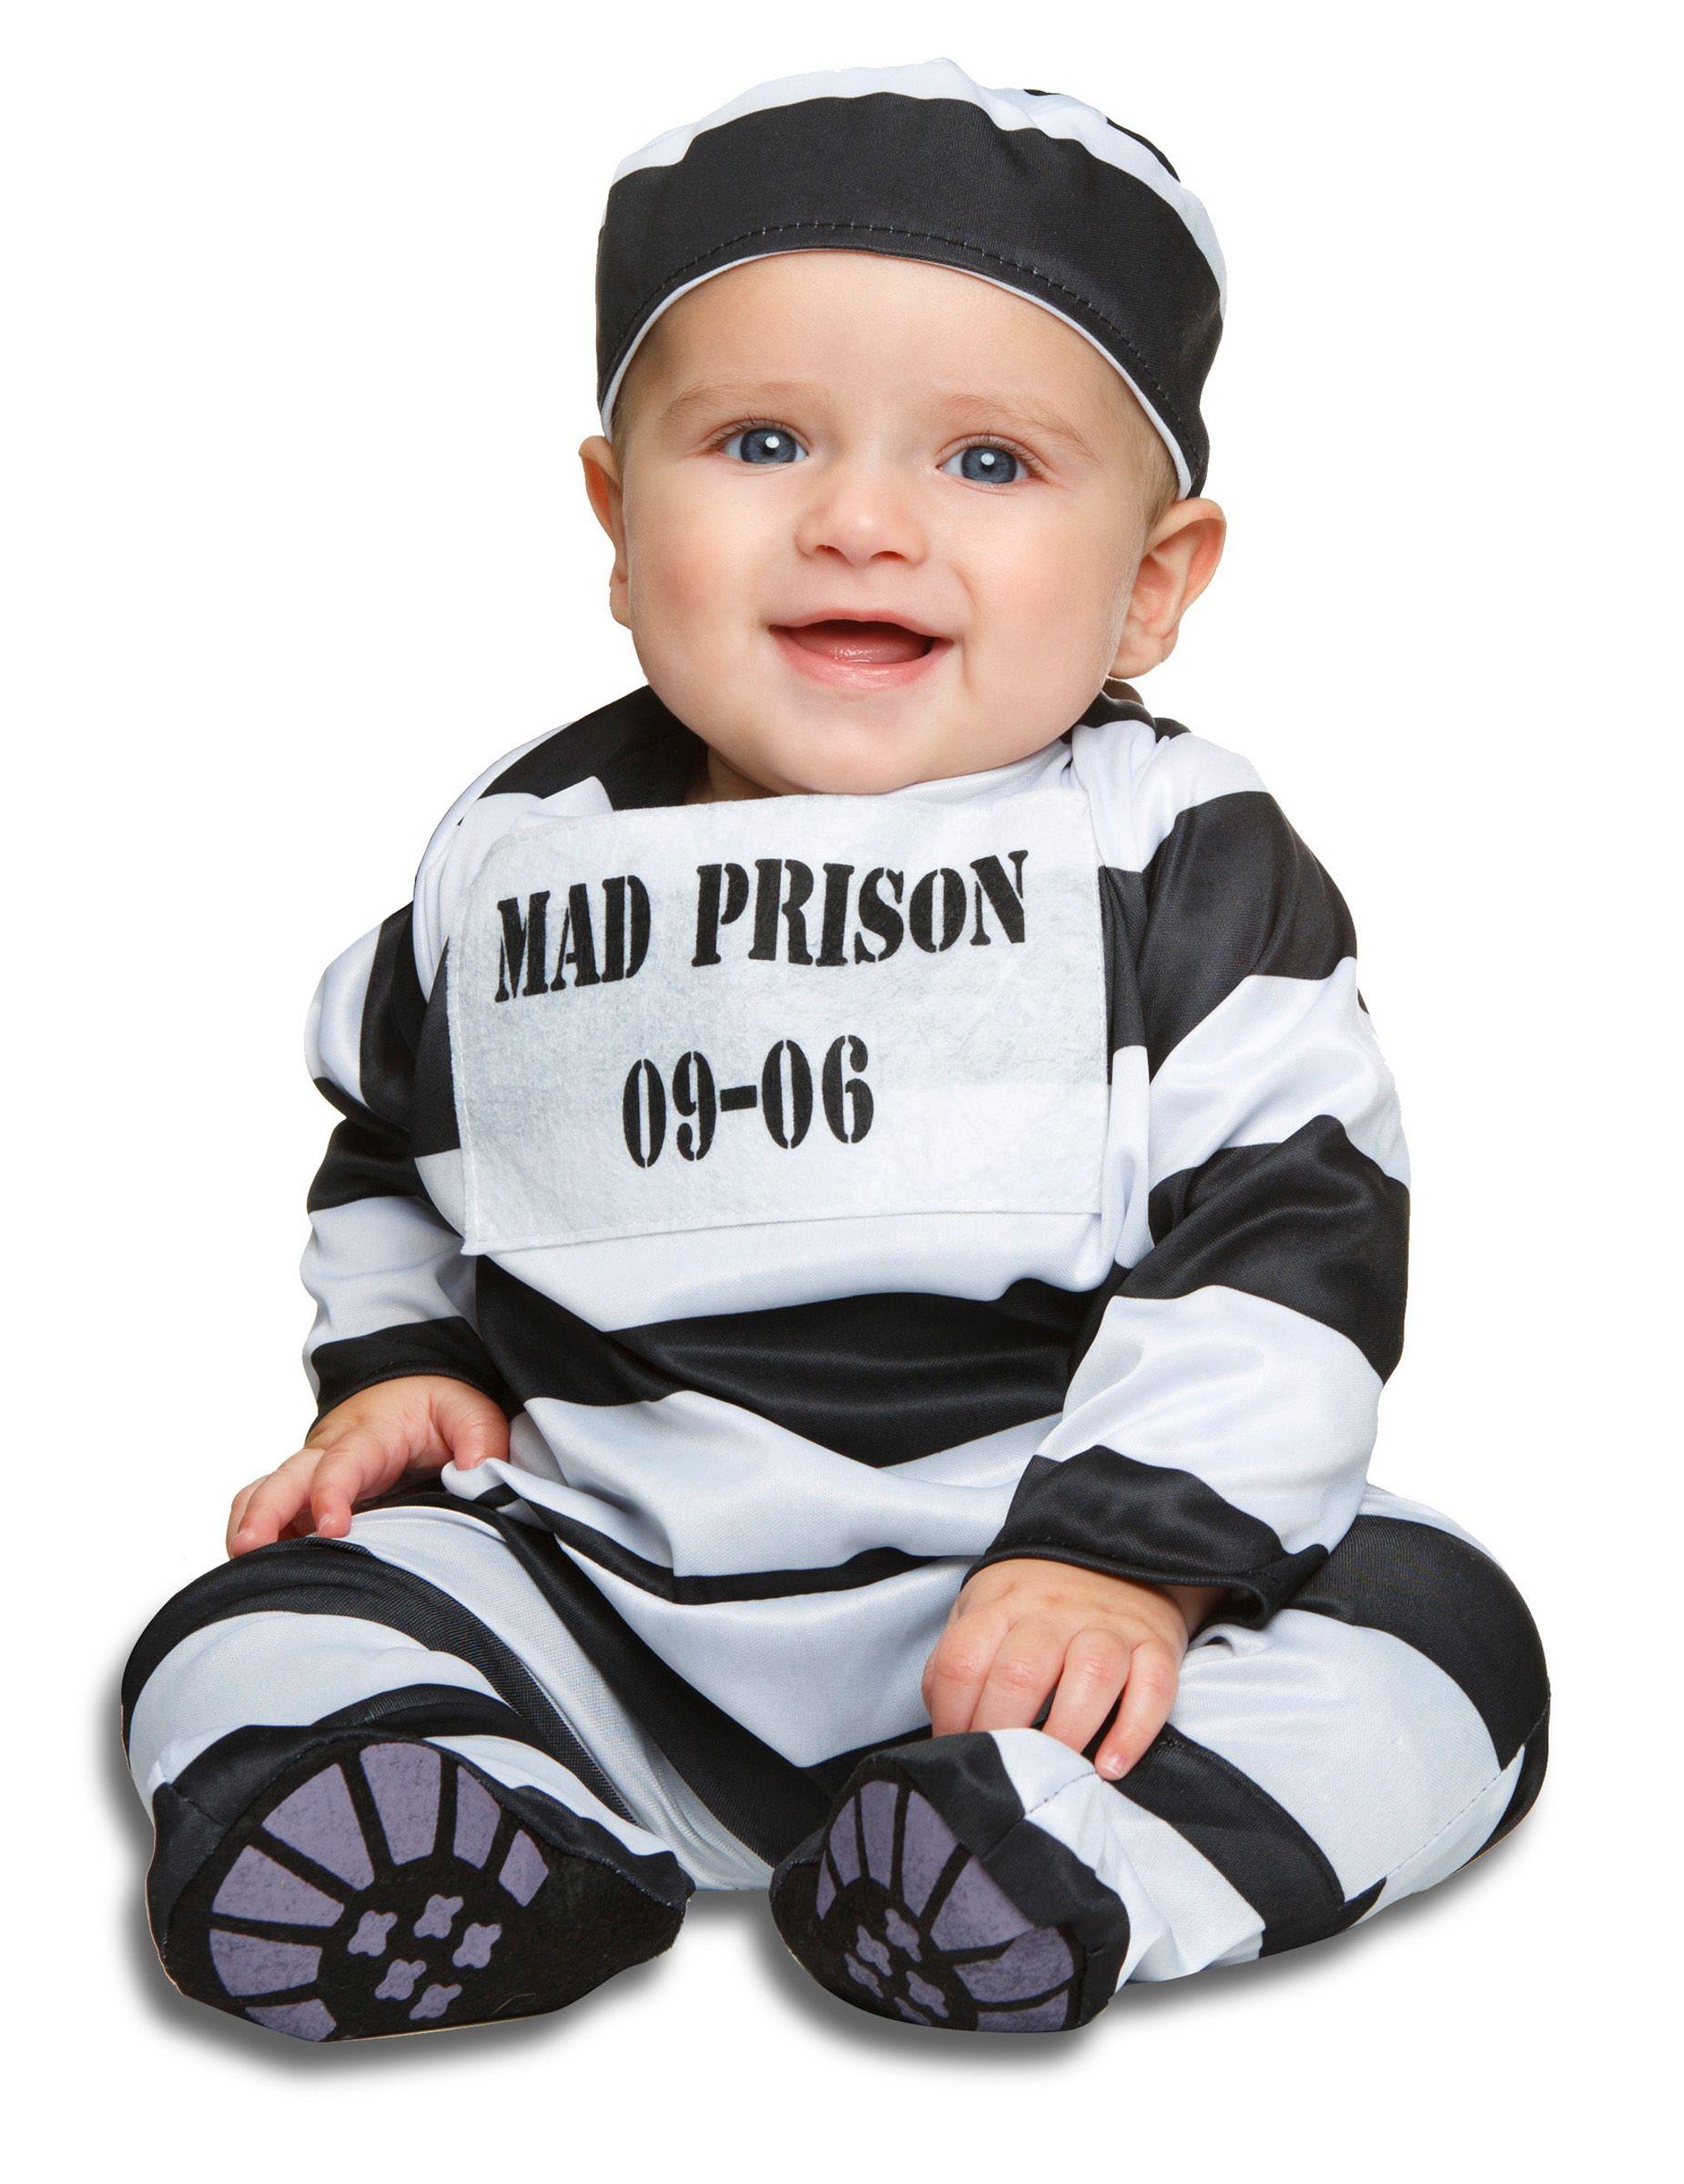 Verbrecher Babykostum Straflingskostum Schwarz Weiss Baby Kostume